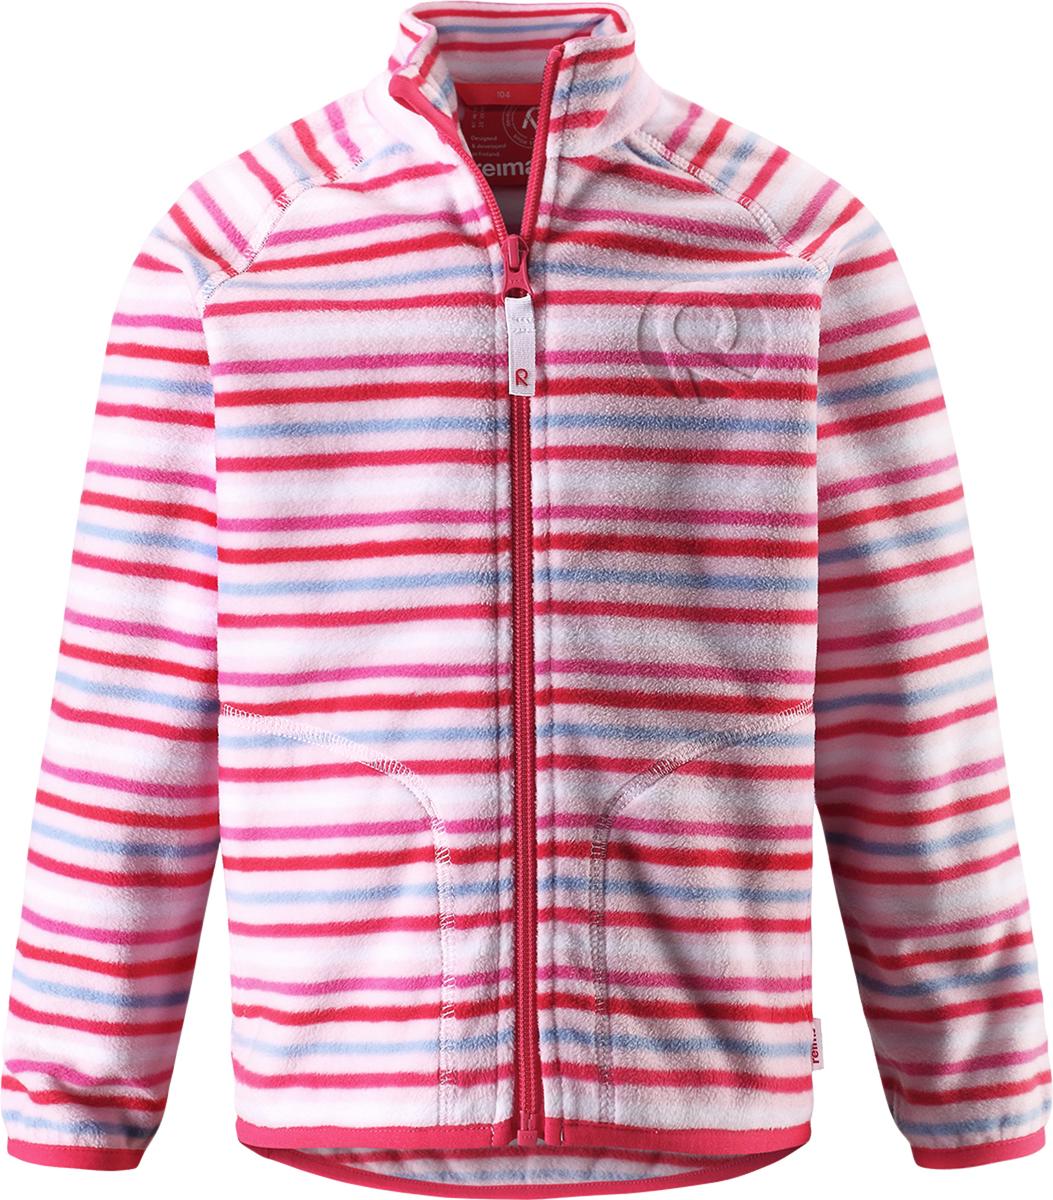 Толстовка флисовая детская Reima Inrun, цвет: розовый, белый. 5262504011. Размер 1285262504011Детская флисовая толстовка Reima на прохладный день. Можно использовать как верхнюю одежду в сухую погоду весной и осенью или поддевать в качестве промежуточного слоя в холода. Обратите внимание на удобную систему кнопок Play Layers, с помощью которой легко присоединить кофту к одежде из серии Reima Play Layers и обеспечить ребенку дополнительное тепло и комфорт. Высококачественный флис - это теплый, легкий и быстросохнущий материал, он идеально подходит для активных прогулок. Удлиненная спинка обеспечивает дополнительную защиту для поясницы, а молния во всю длину с защитой для подбородка облегчает надевание.